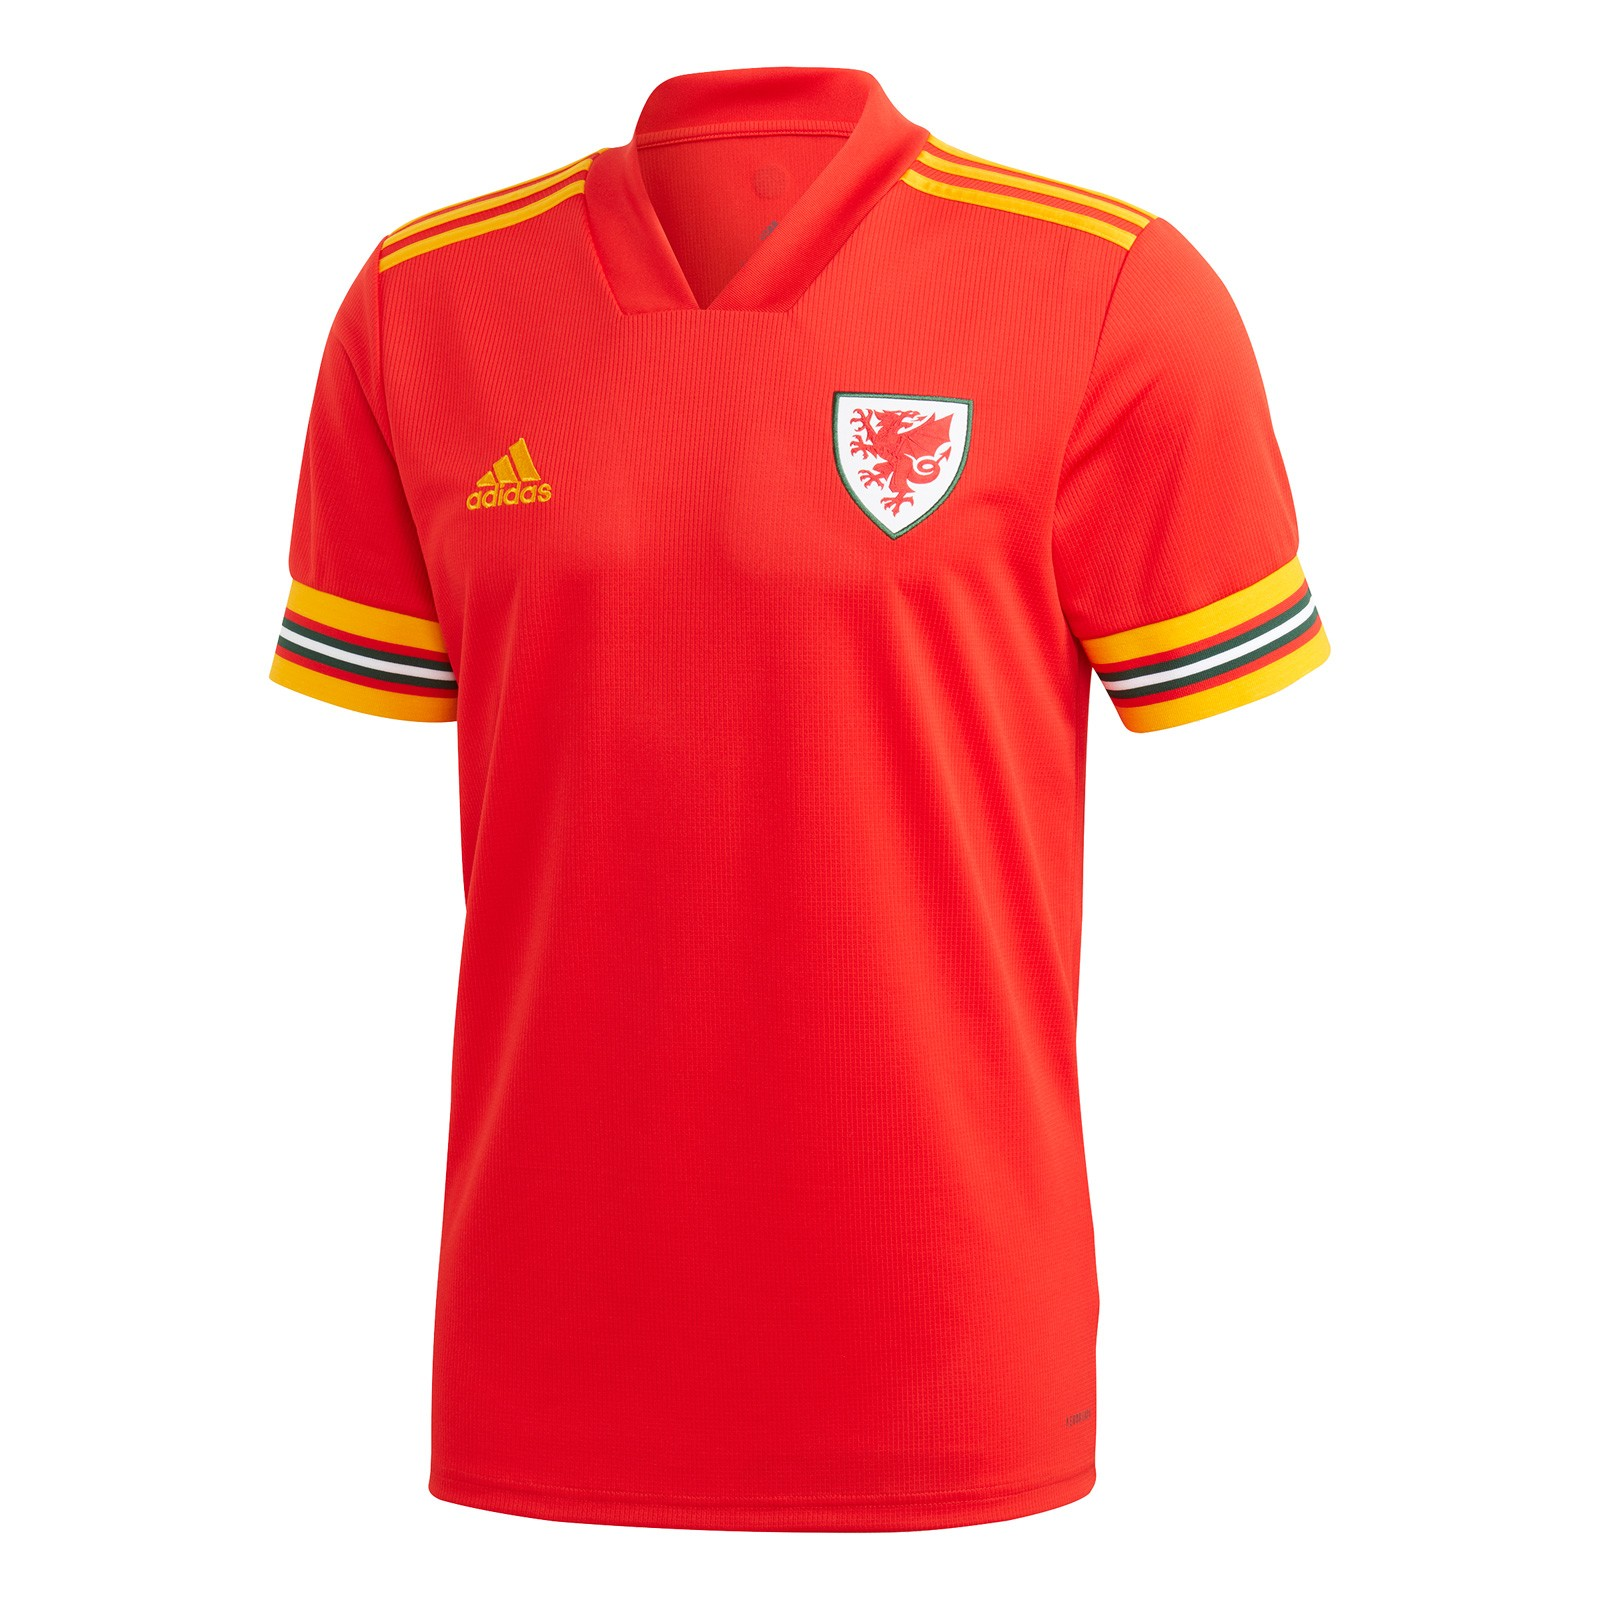 威尔士代表队2020欧洲杯球迷版主场球衣